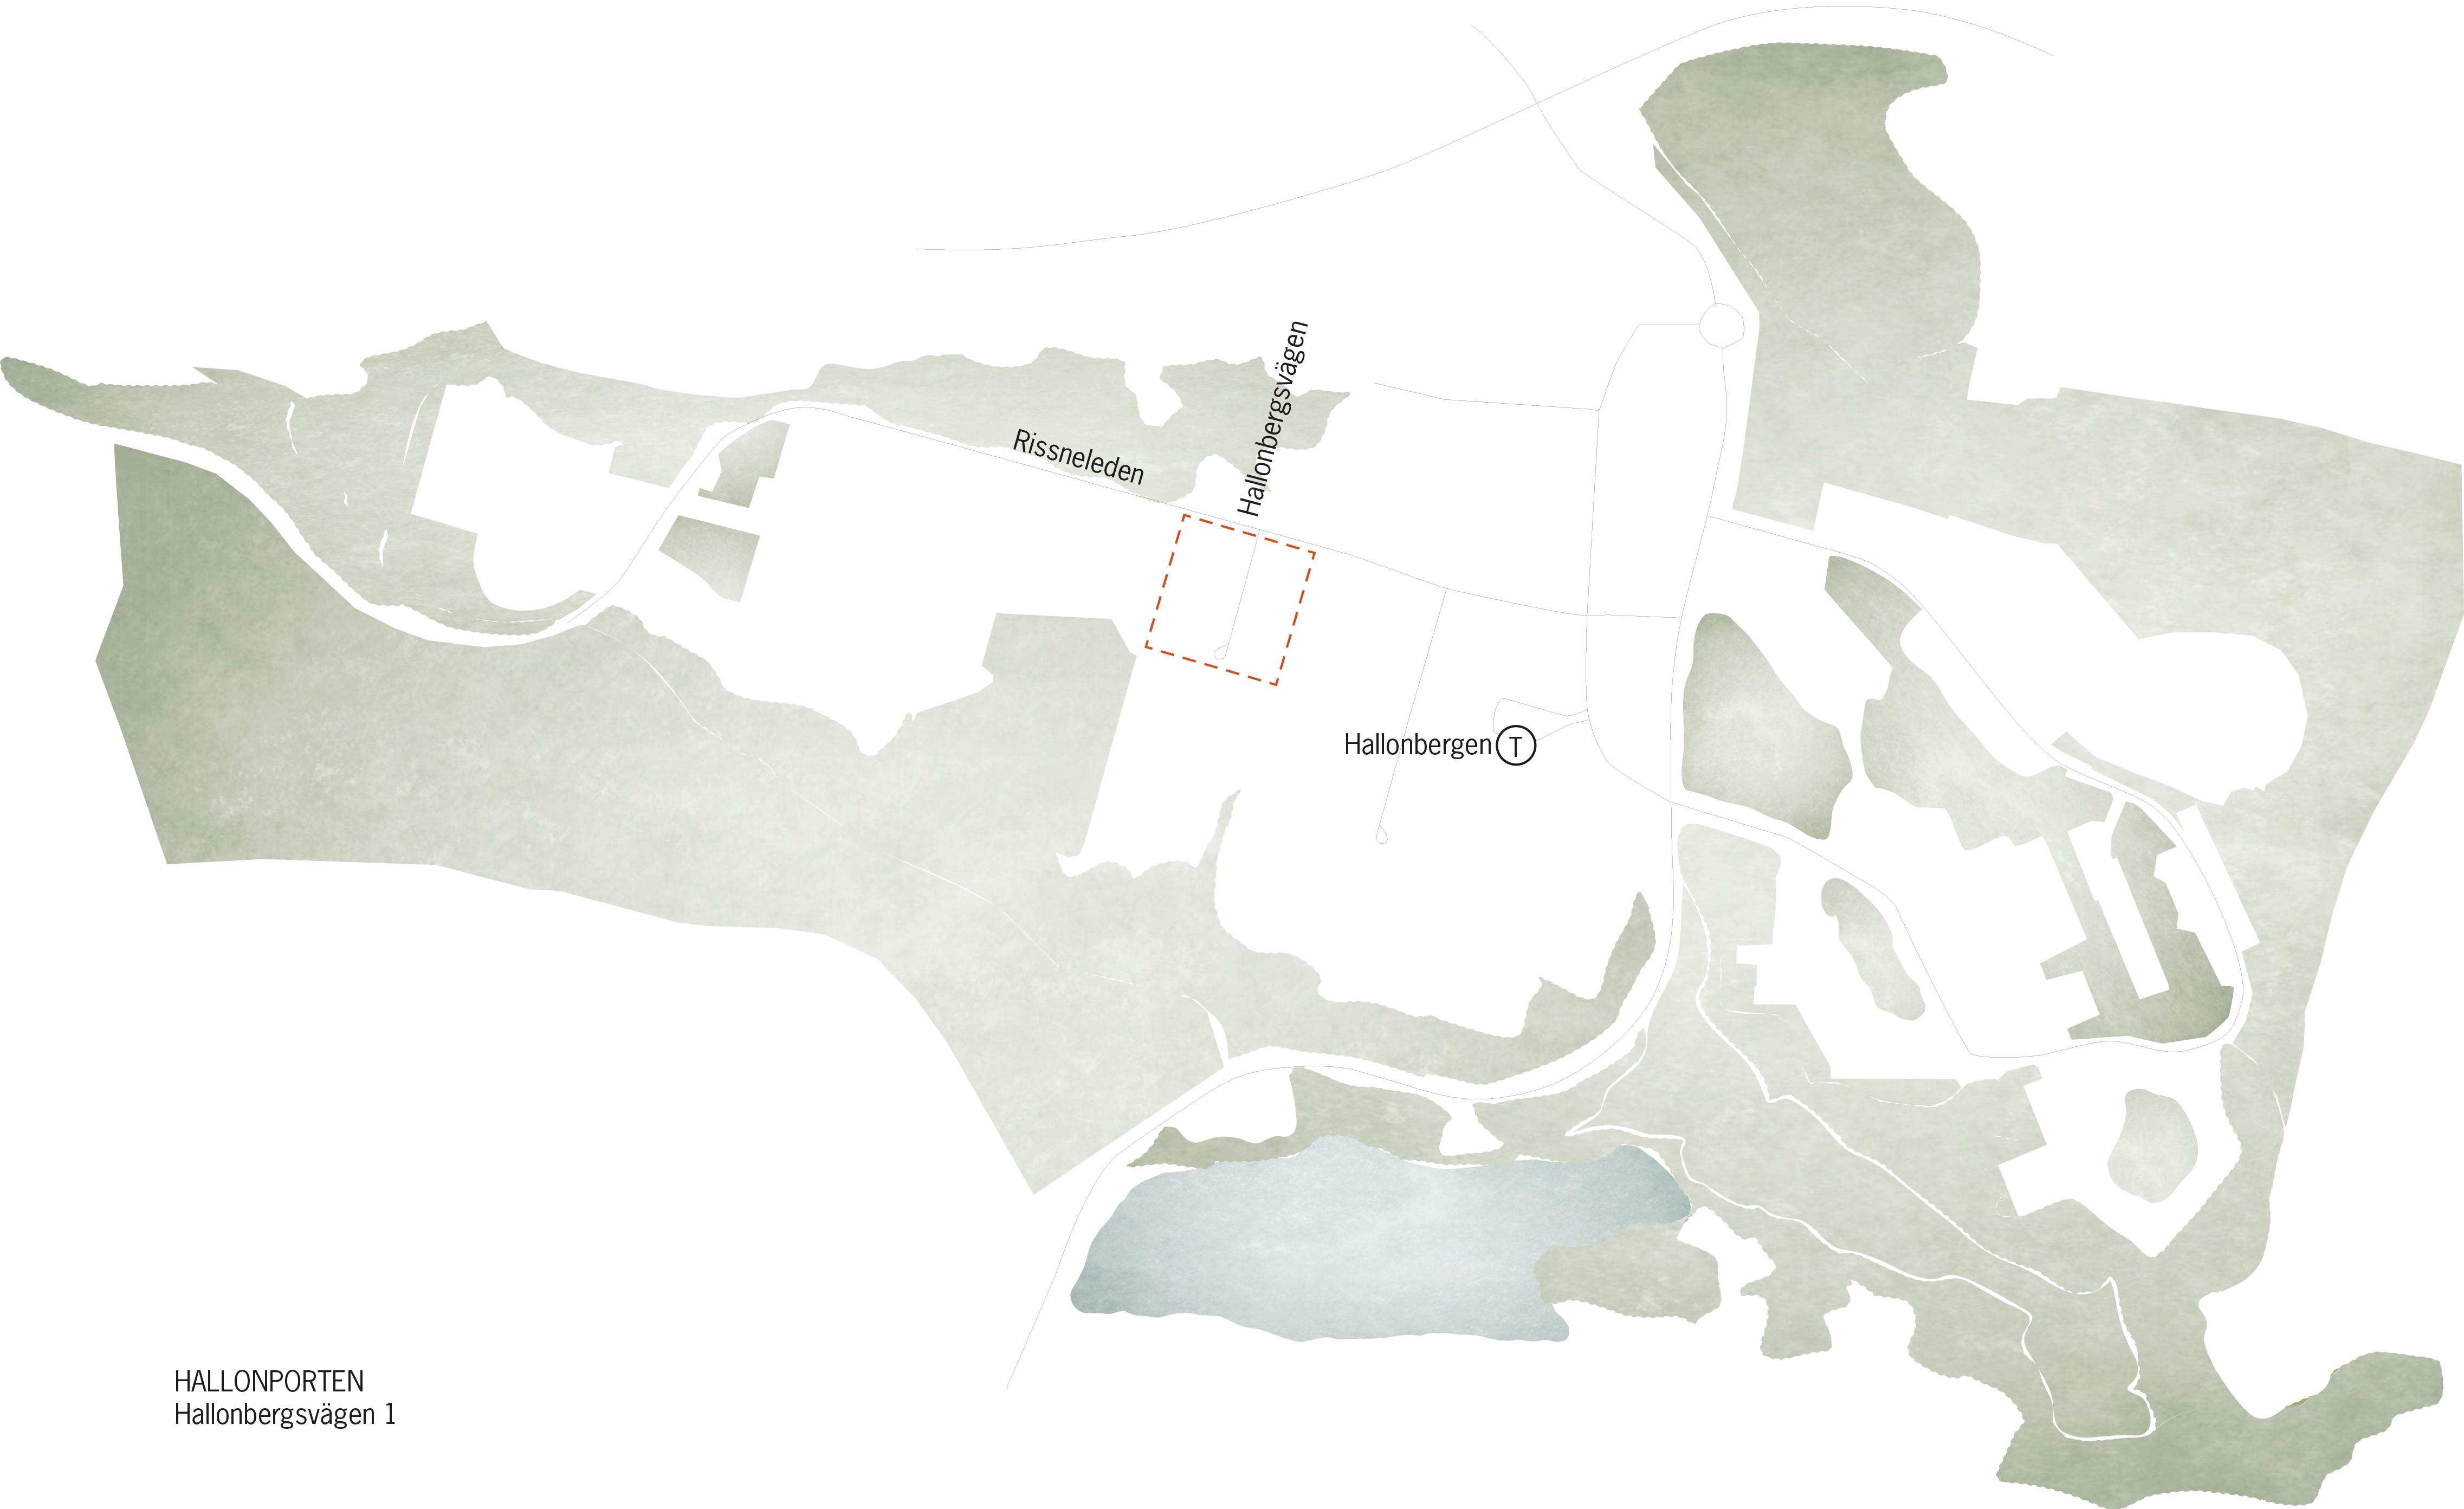 Hallonporten_LAND_2014_iconkarta